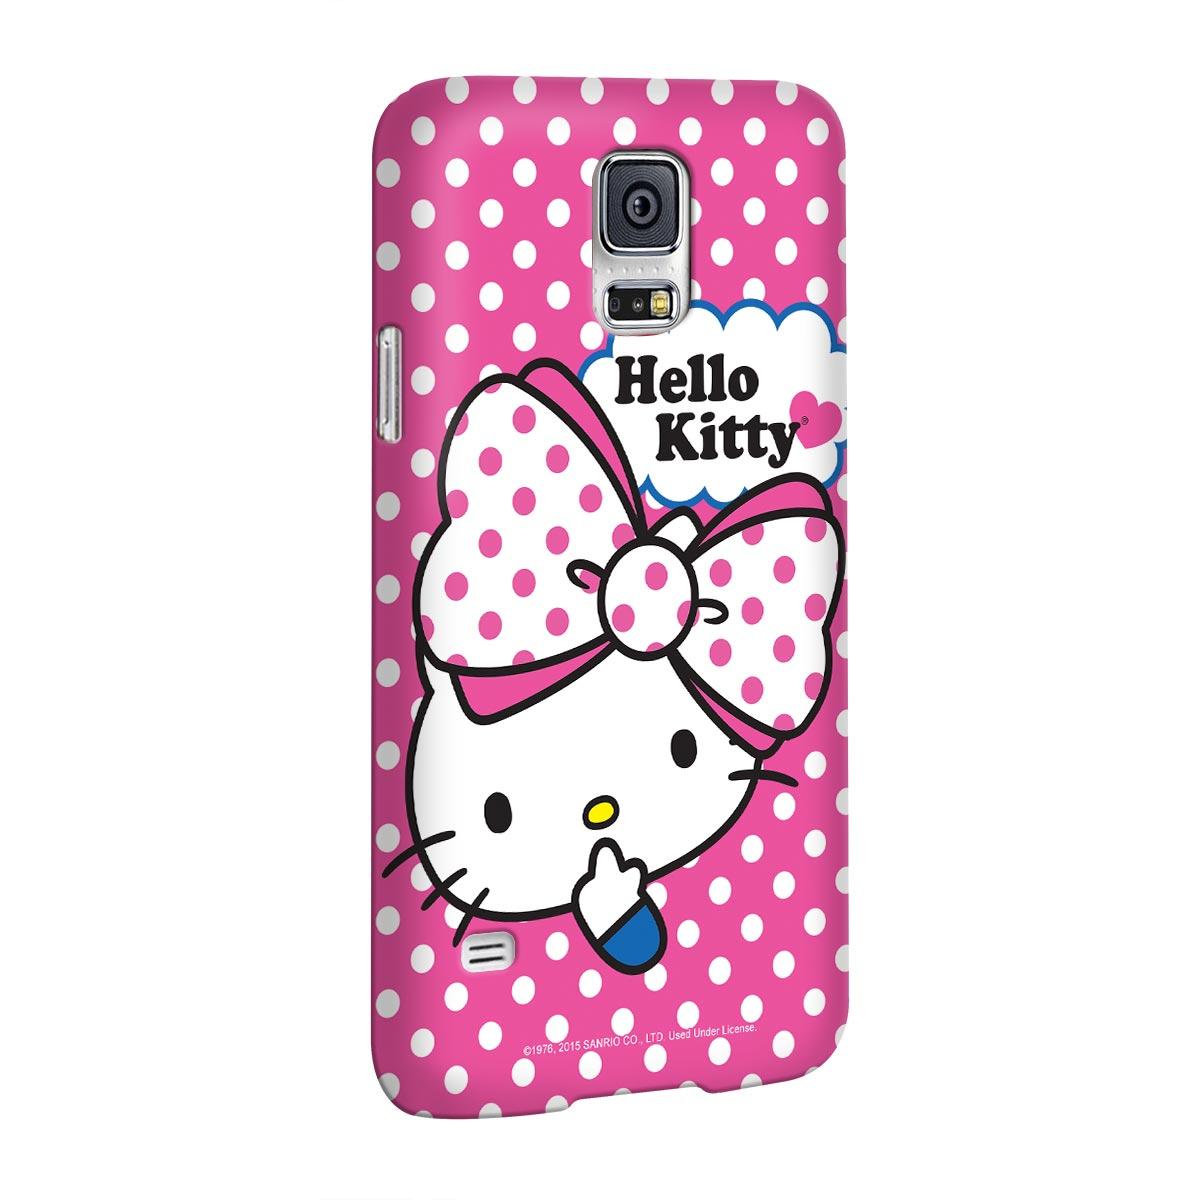 Capa para Samsung Galaxy S5 Hello Kitty Big Ribbon